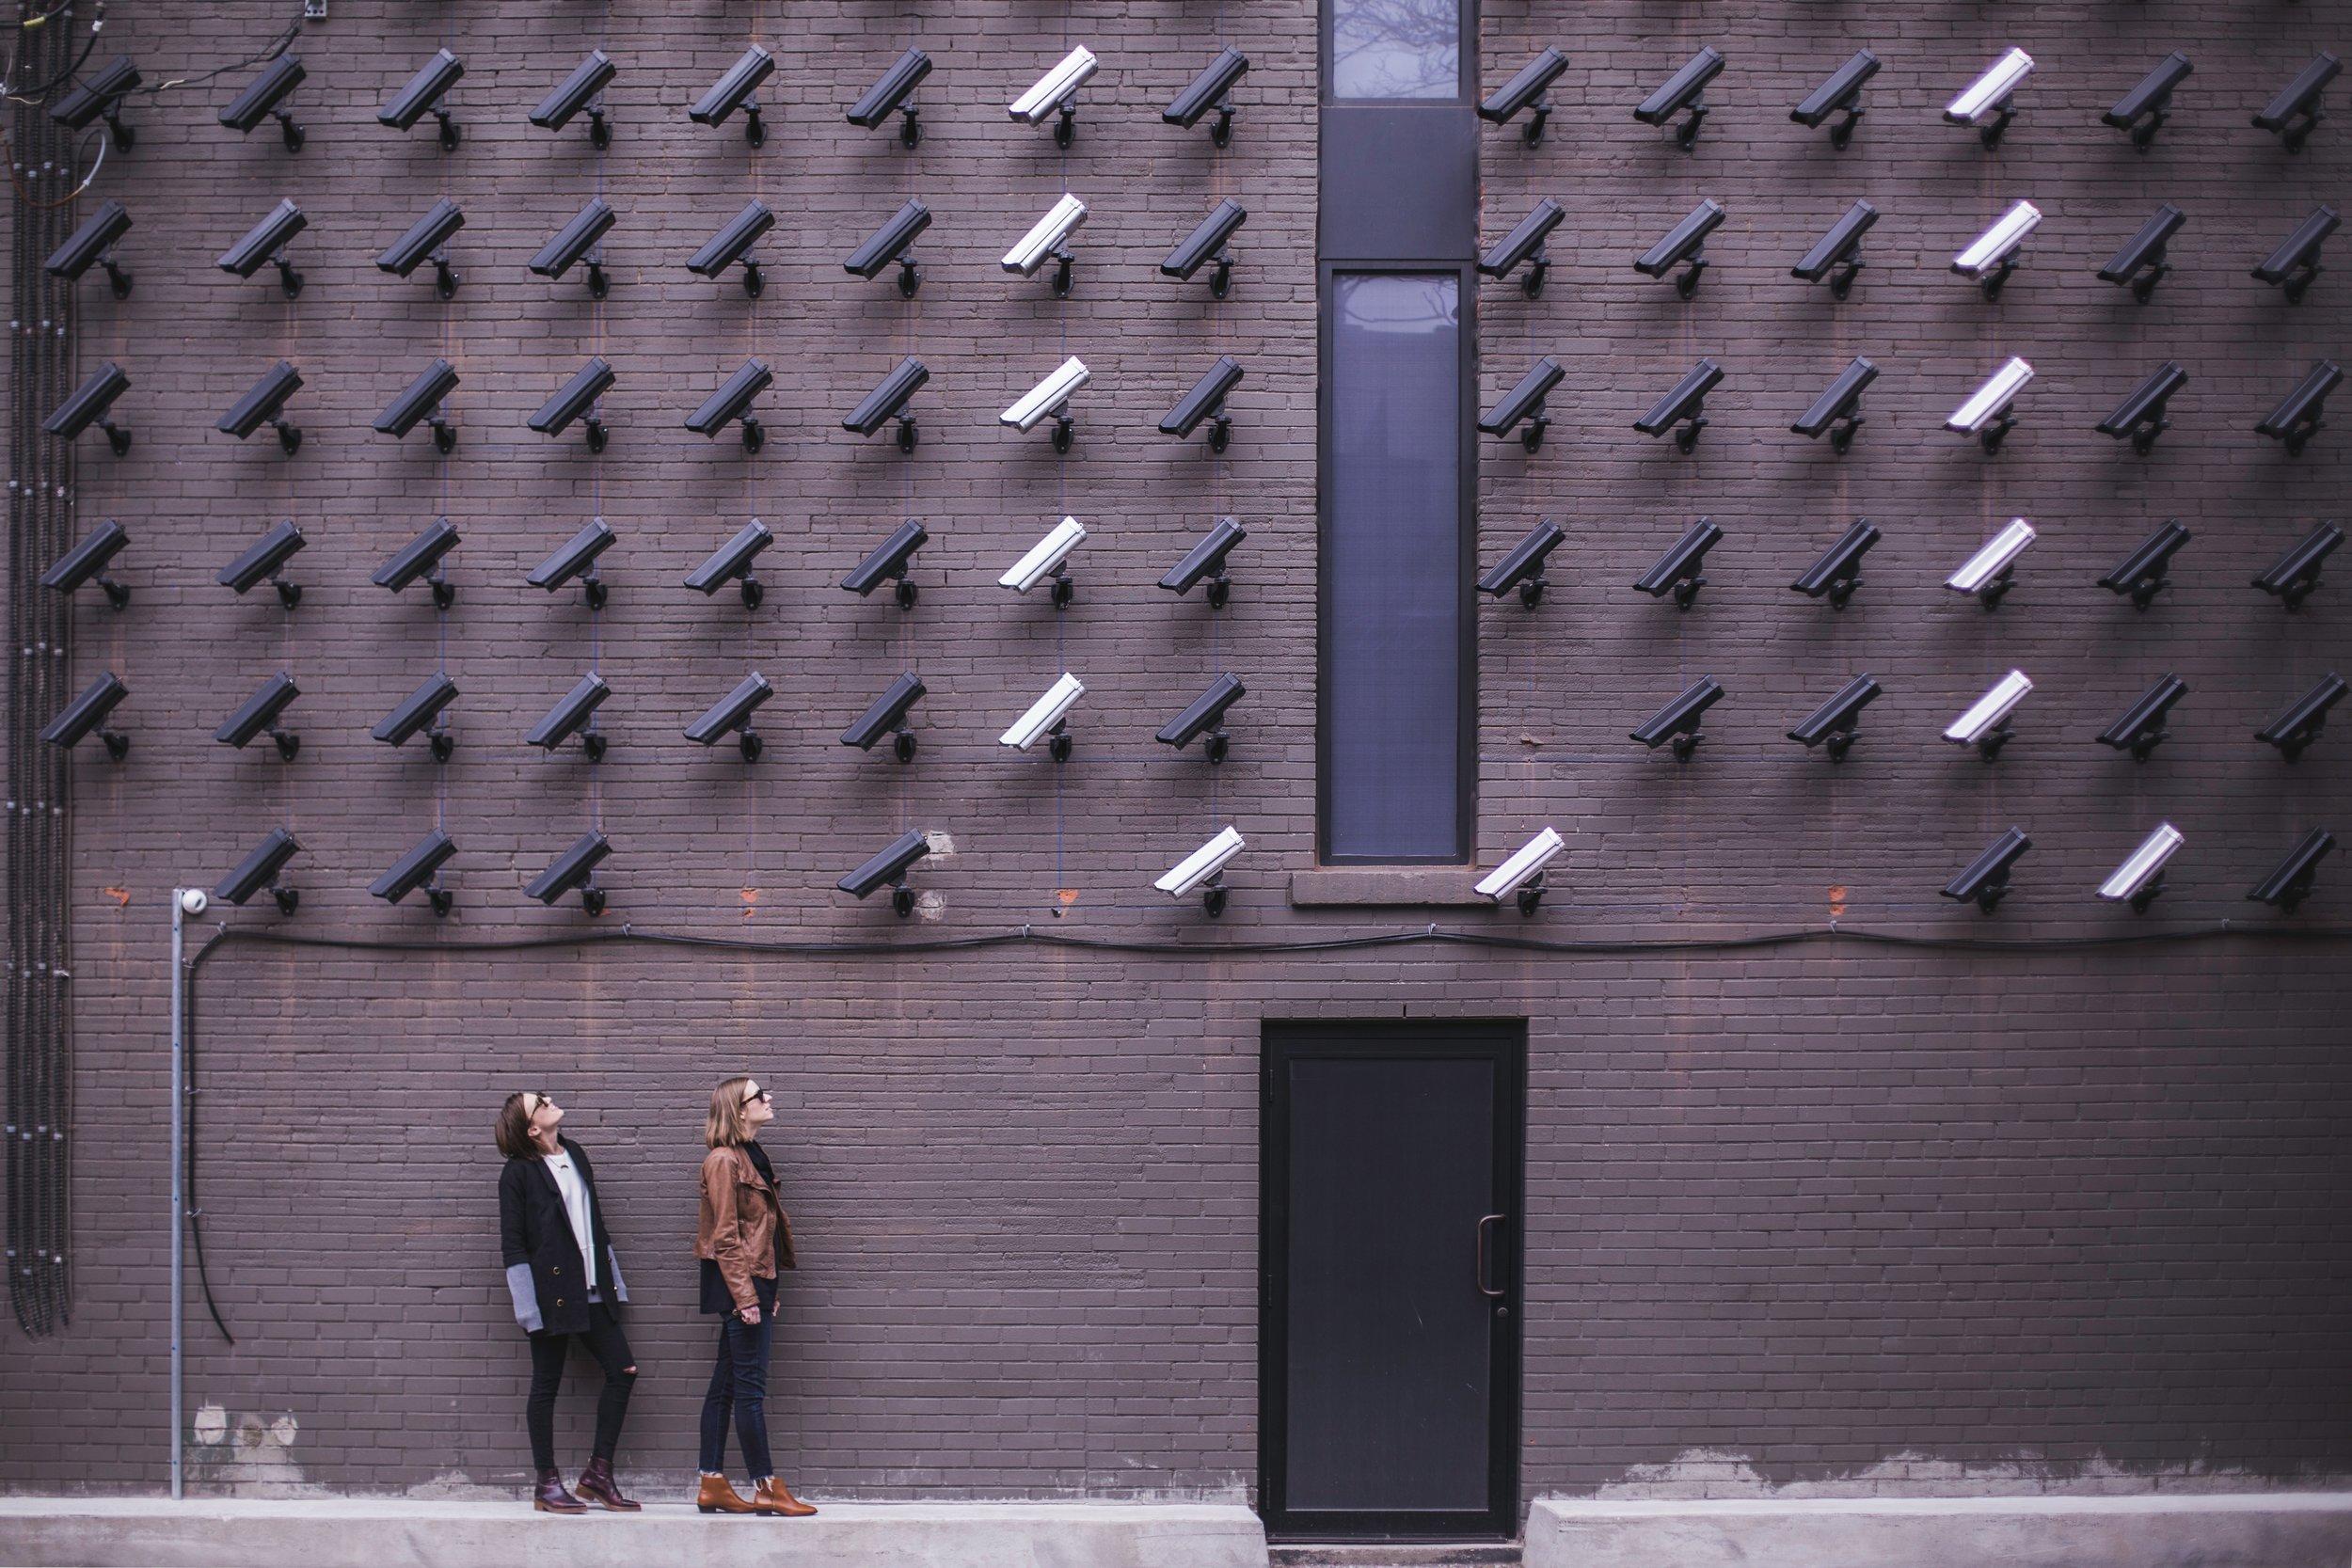 CCTV INSTALLATION & monitoring - 02